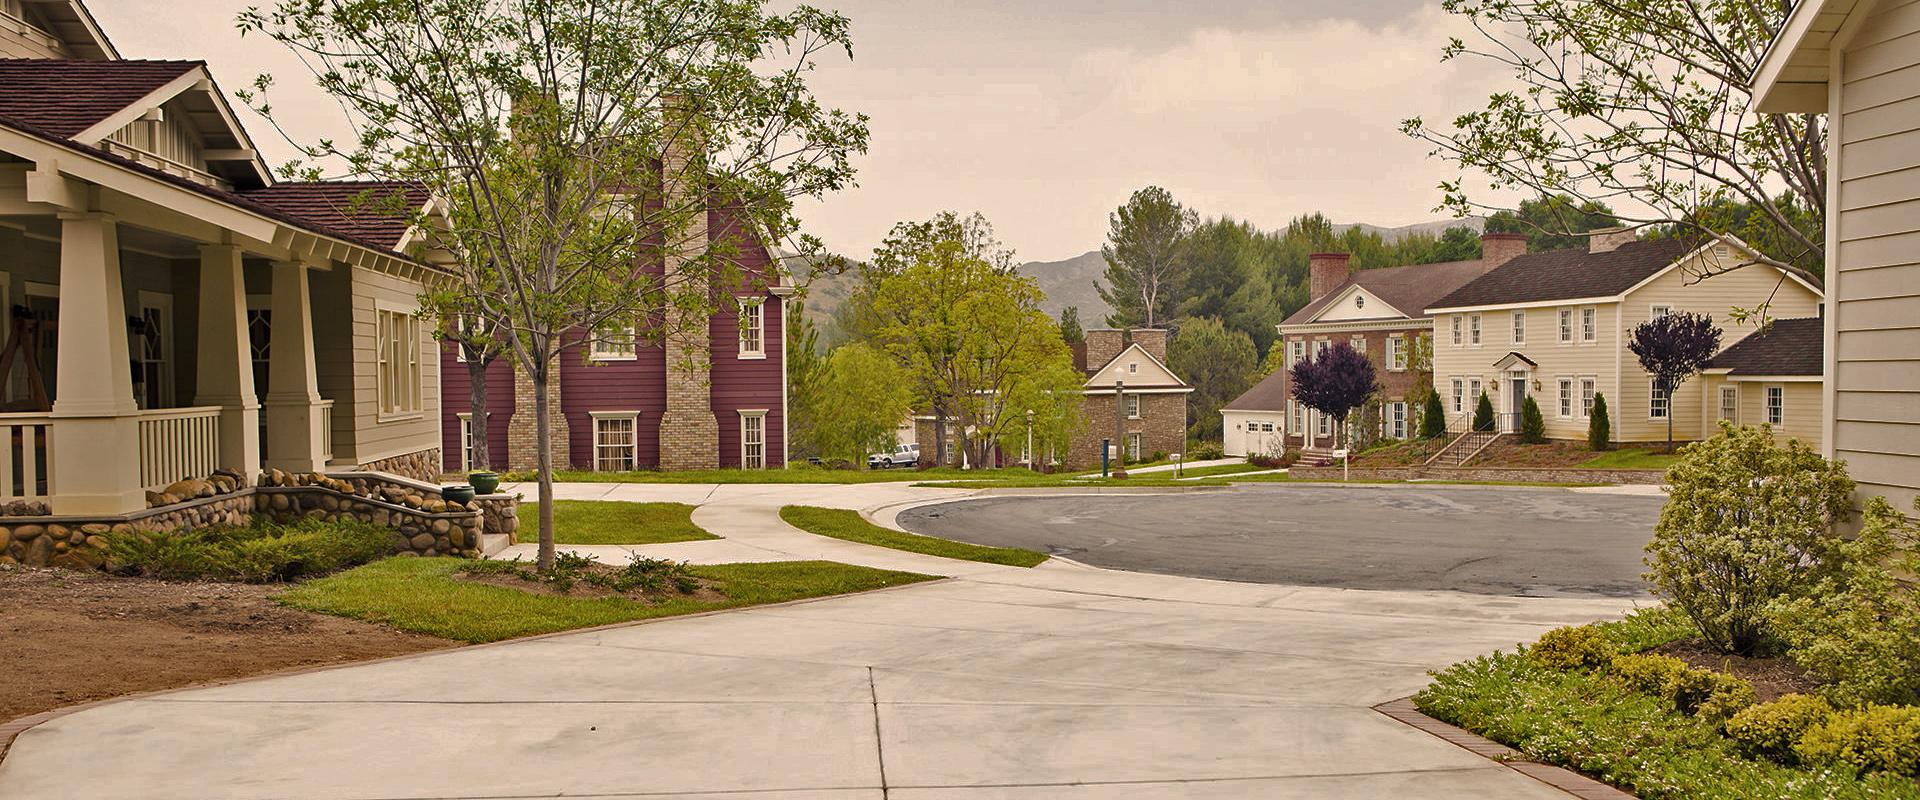 neighborhood-driveway-view_1.jpg